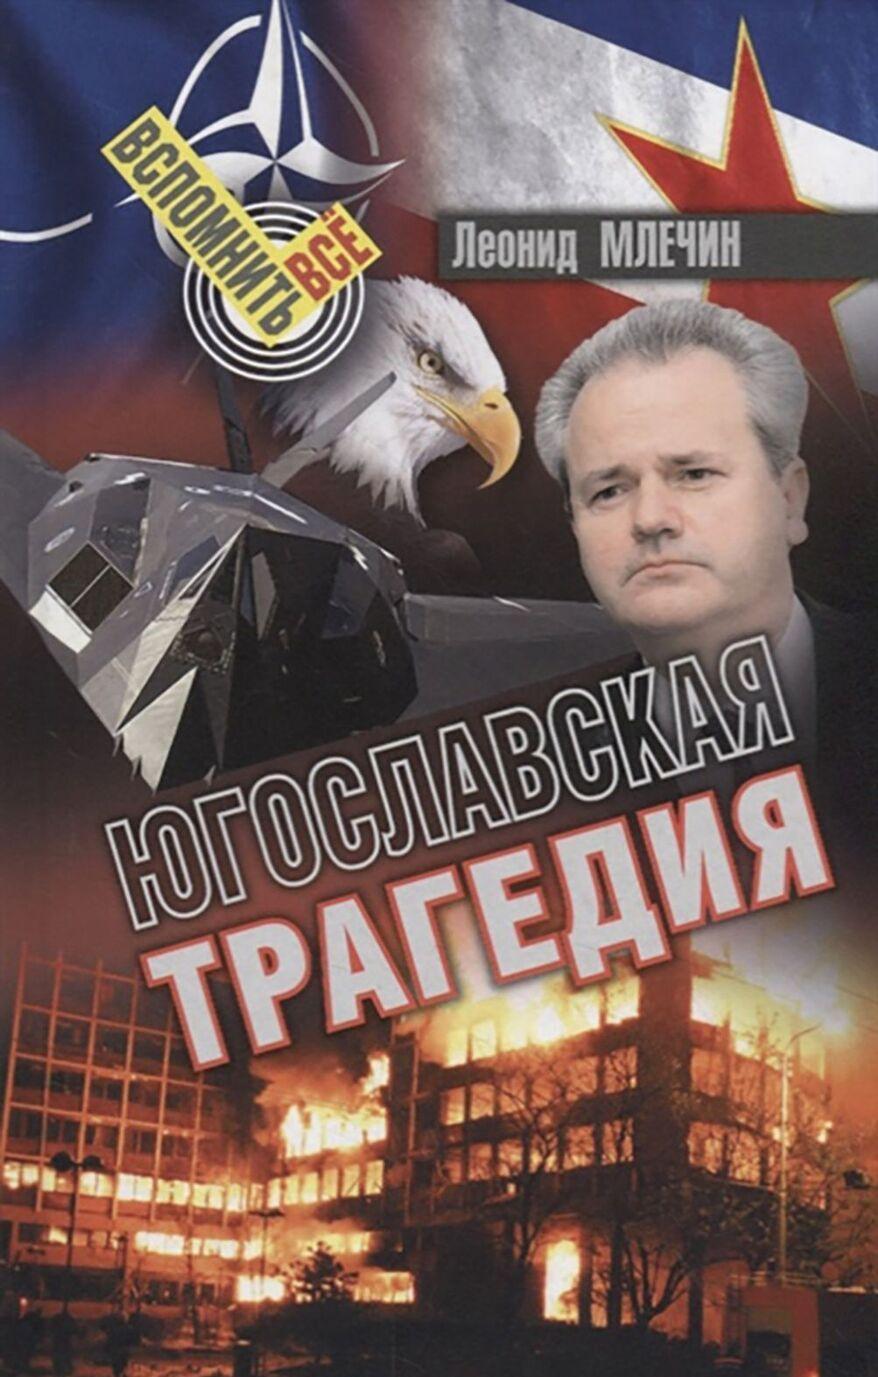 Jugoslavskaja tragedija | Mlechin Leonid Mikhajlovich